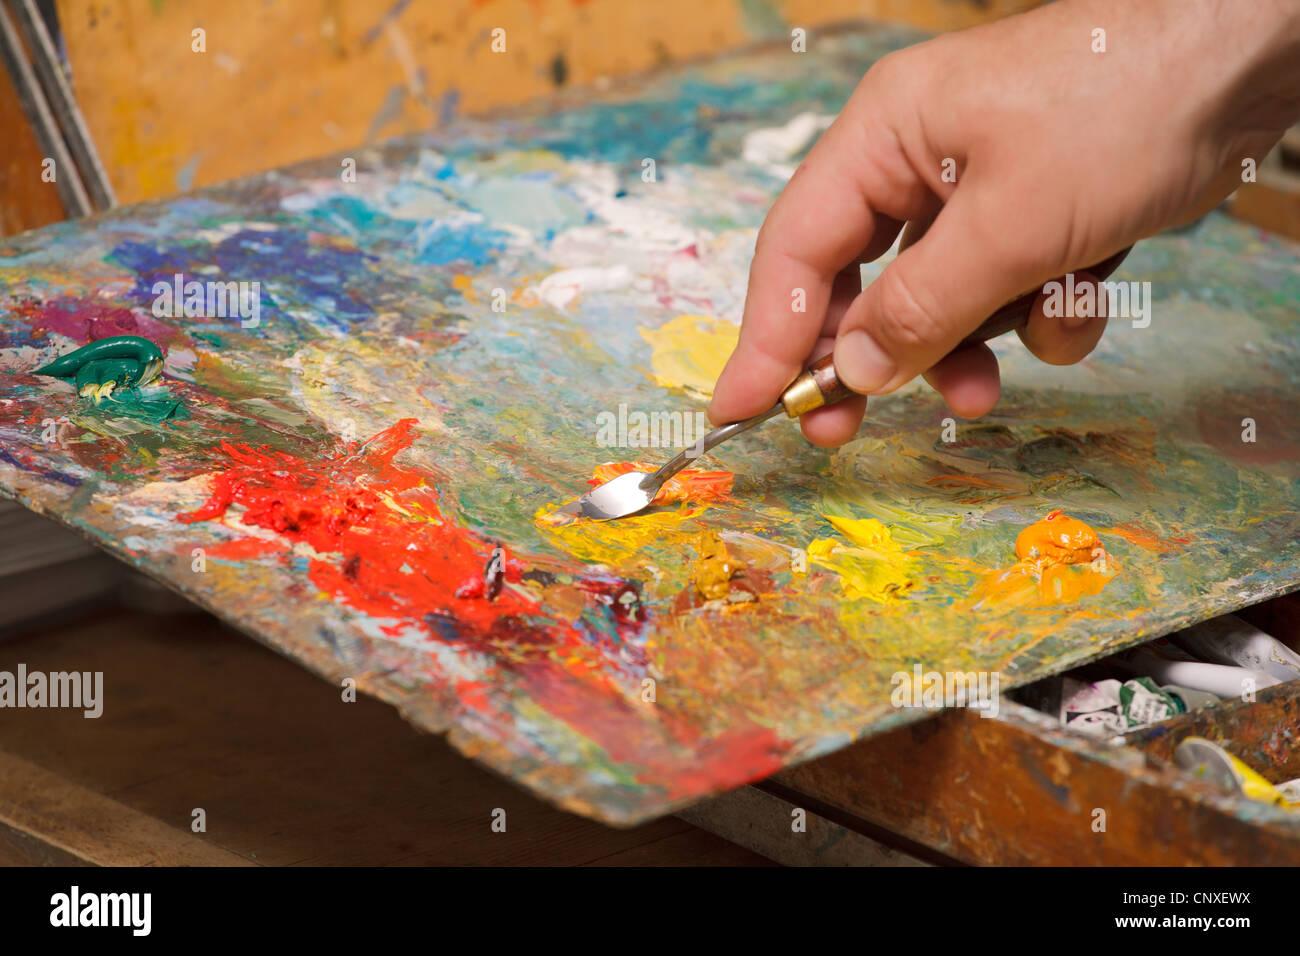 Artista mix di vernici a olio con una spatola.Immagini orizzontali, close-up. Immagini Stock